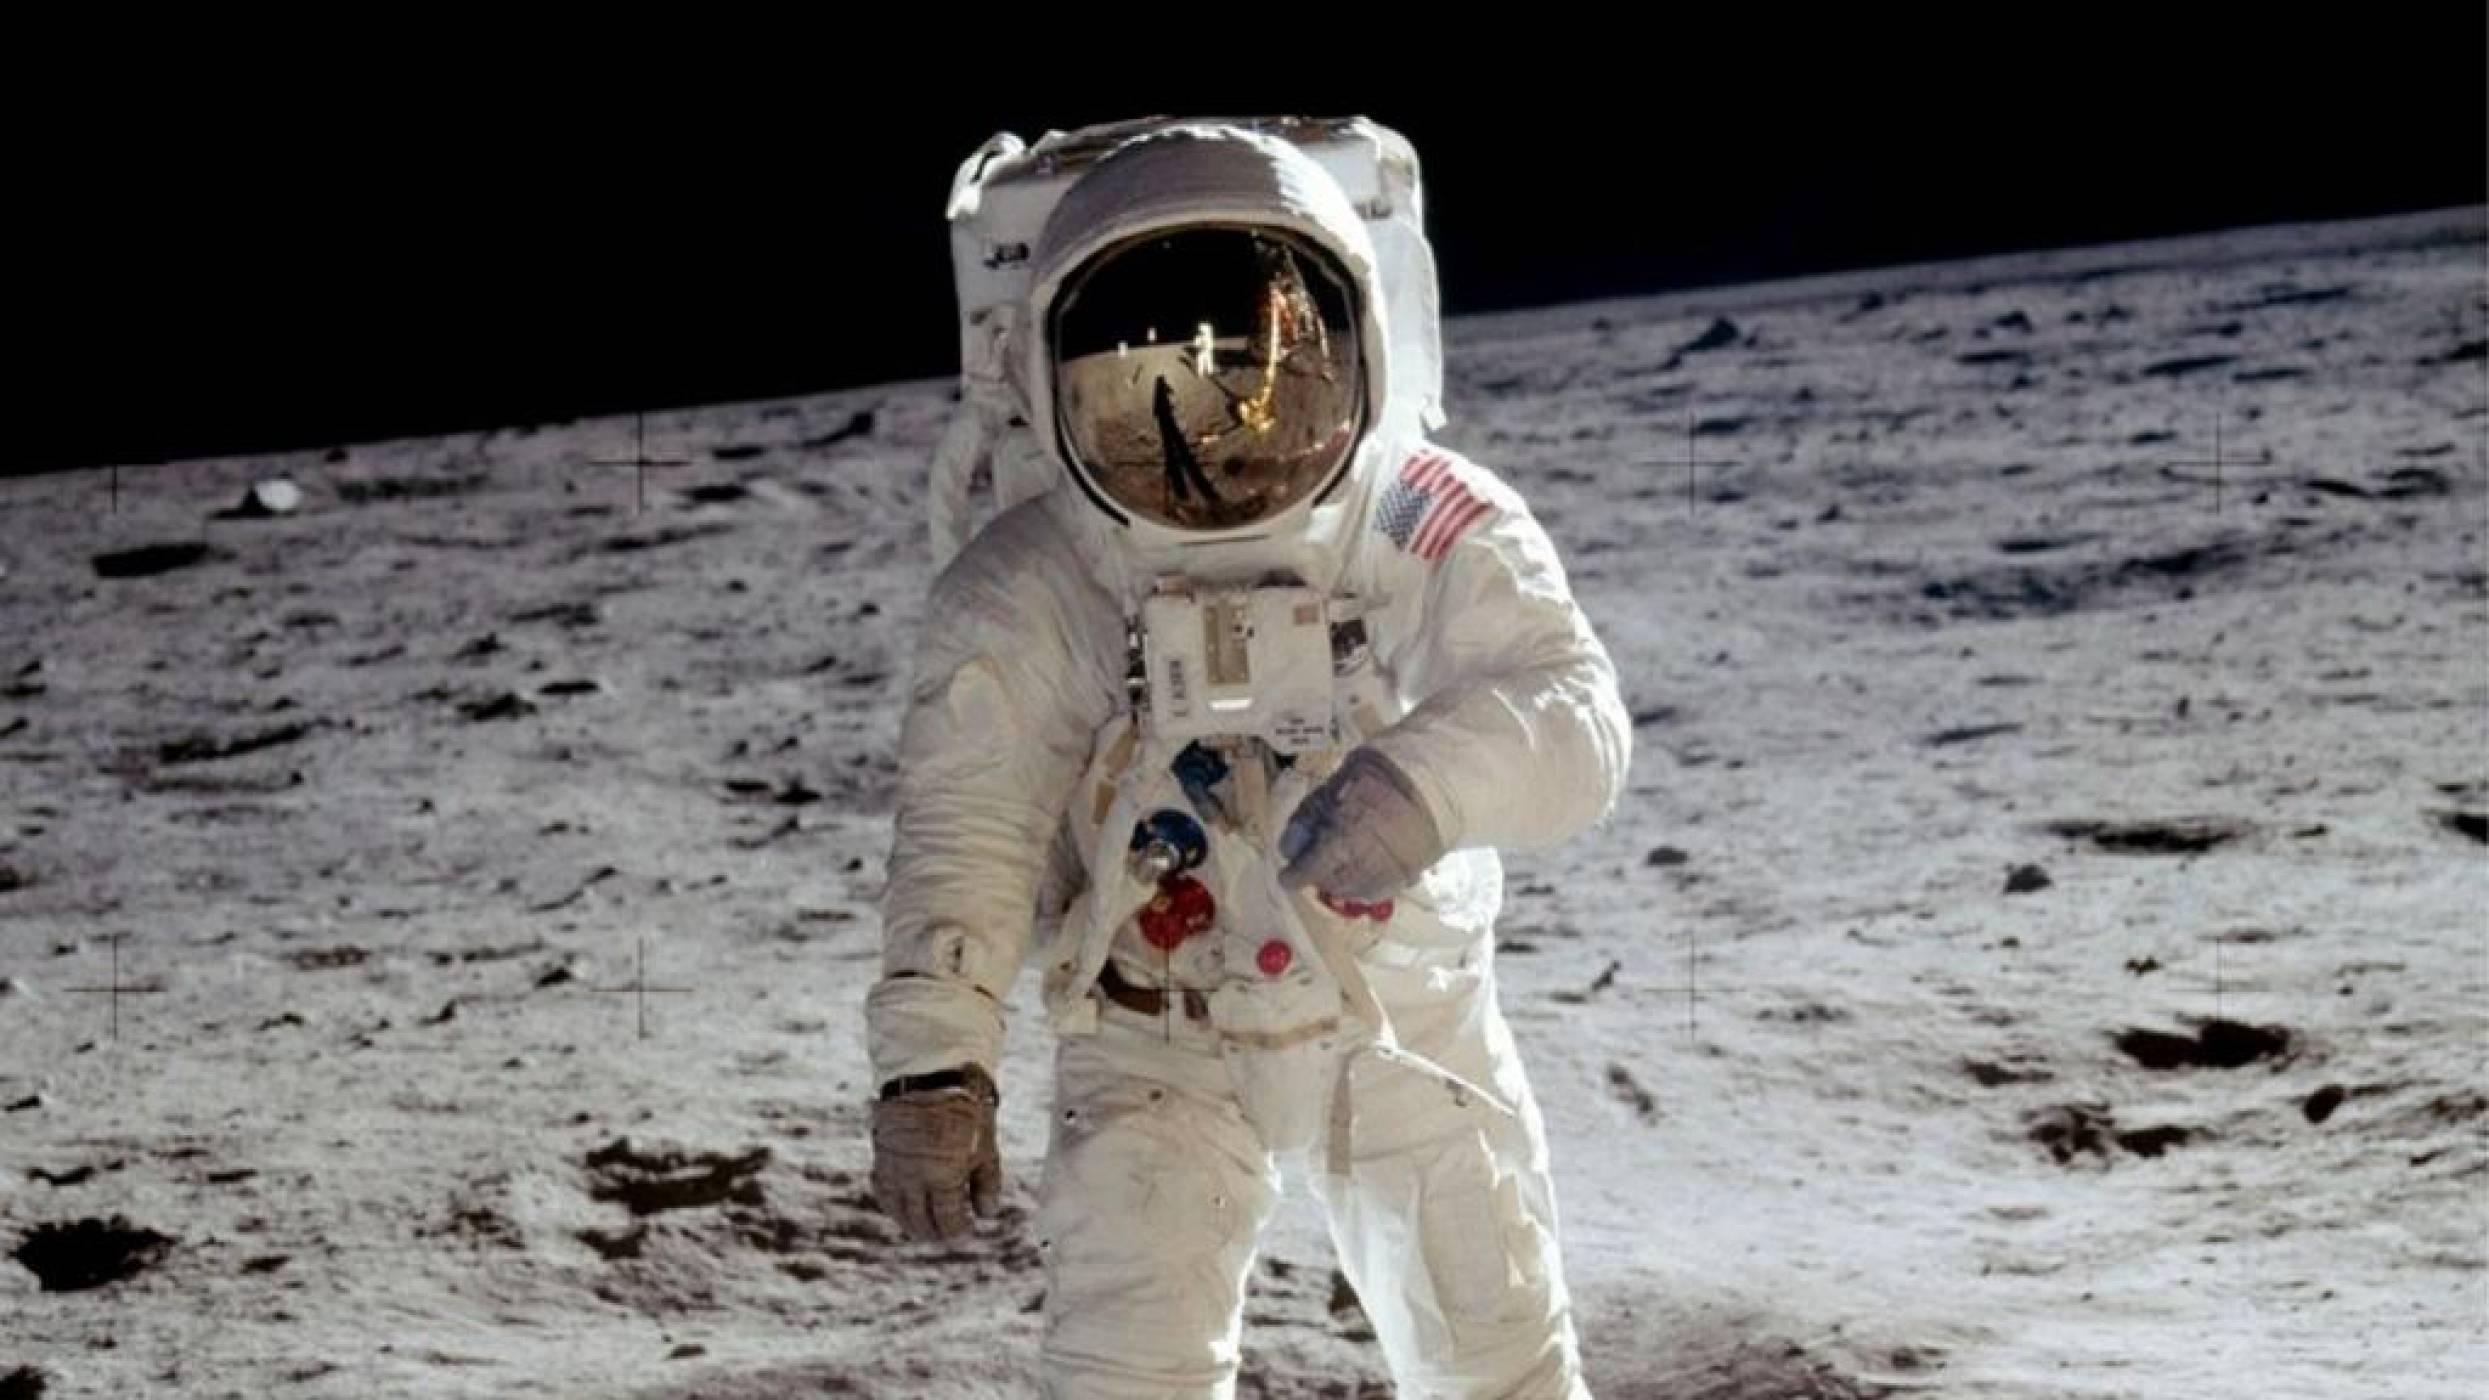 Чуйте непознати разговори от лунните мисии в документалния филм Apollo: Missions to the Moon